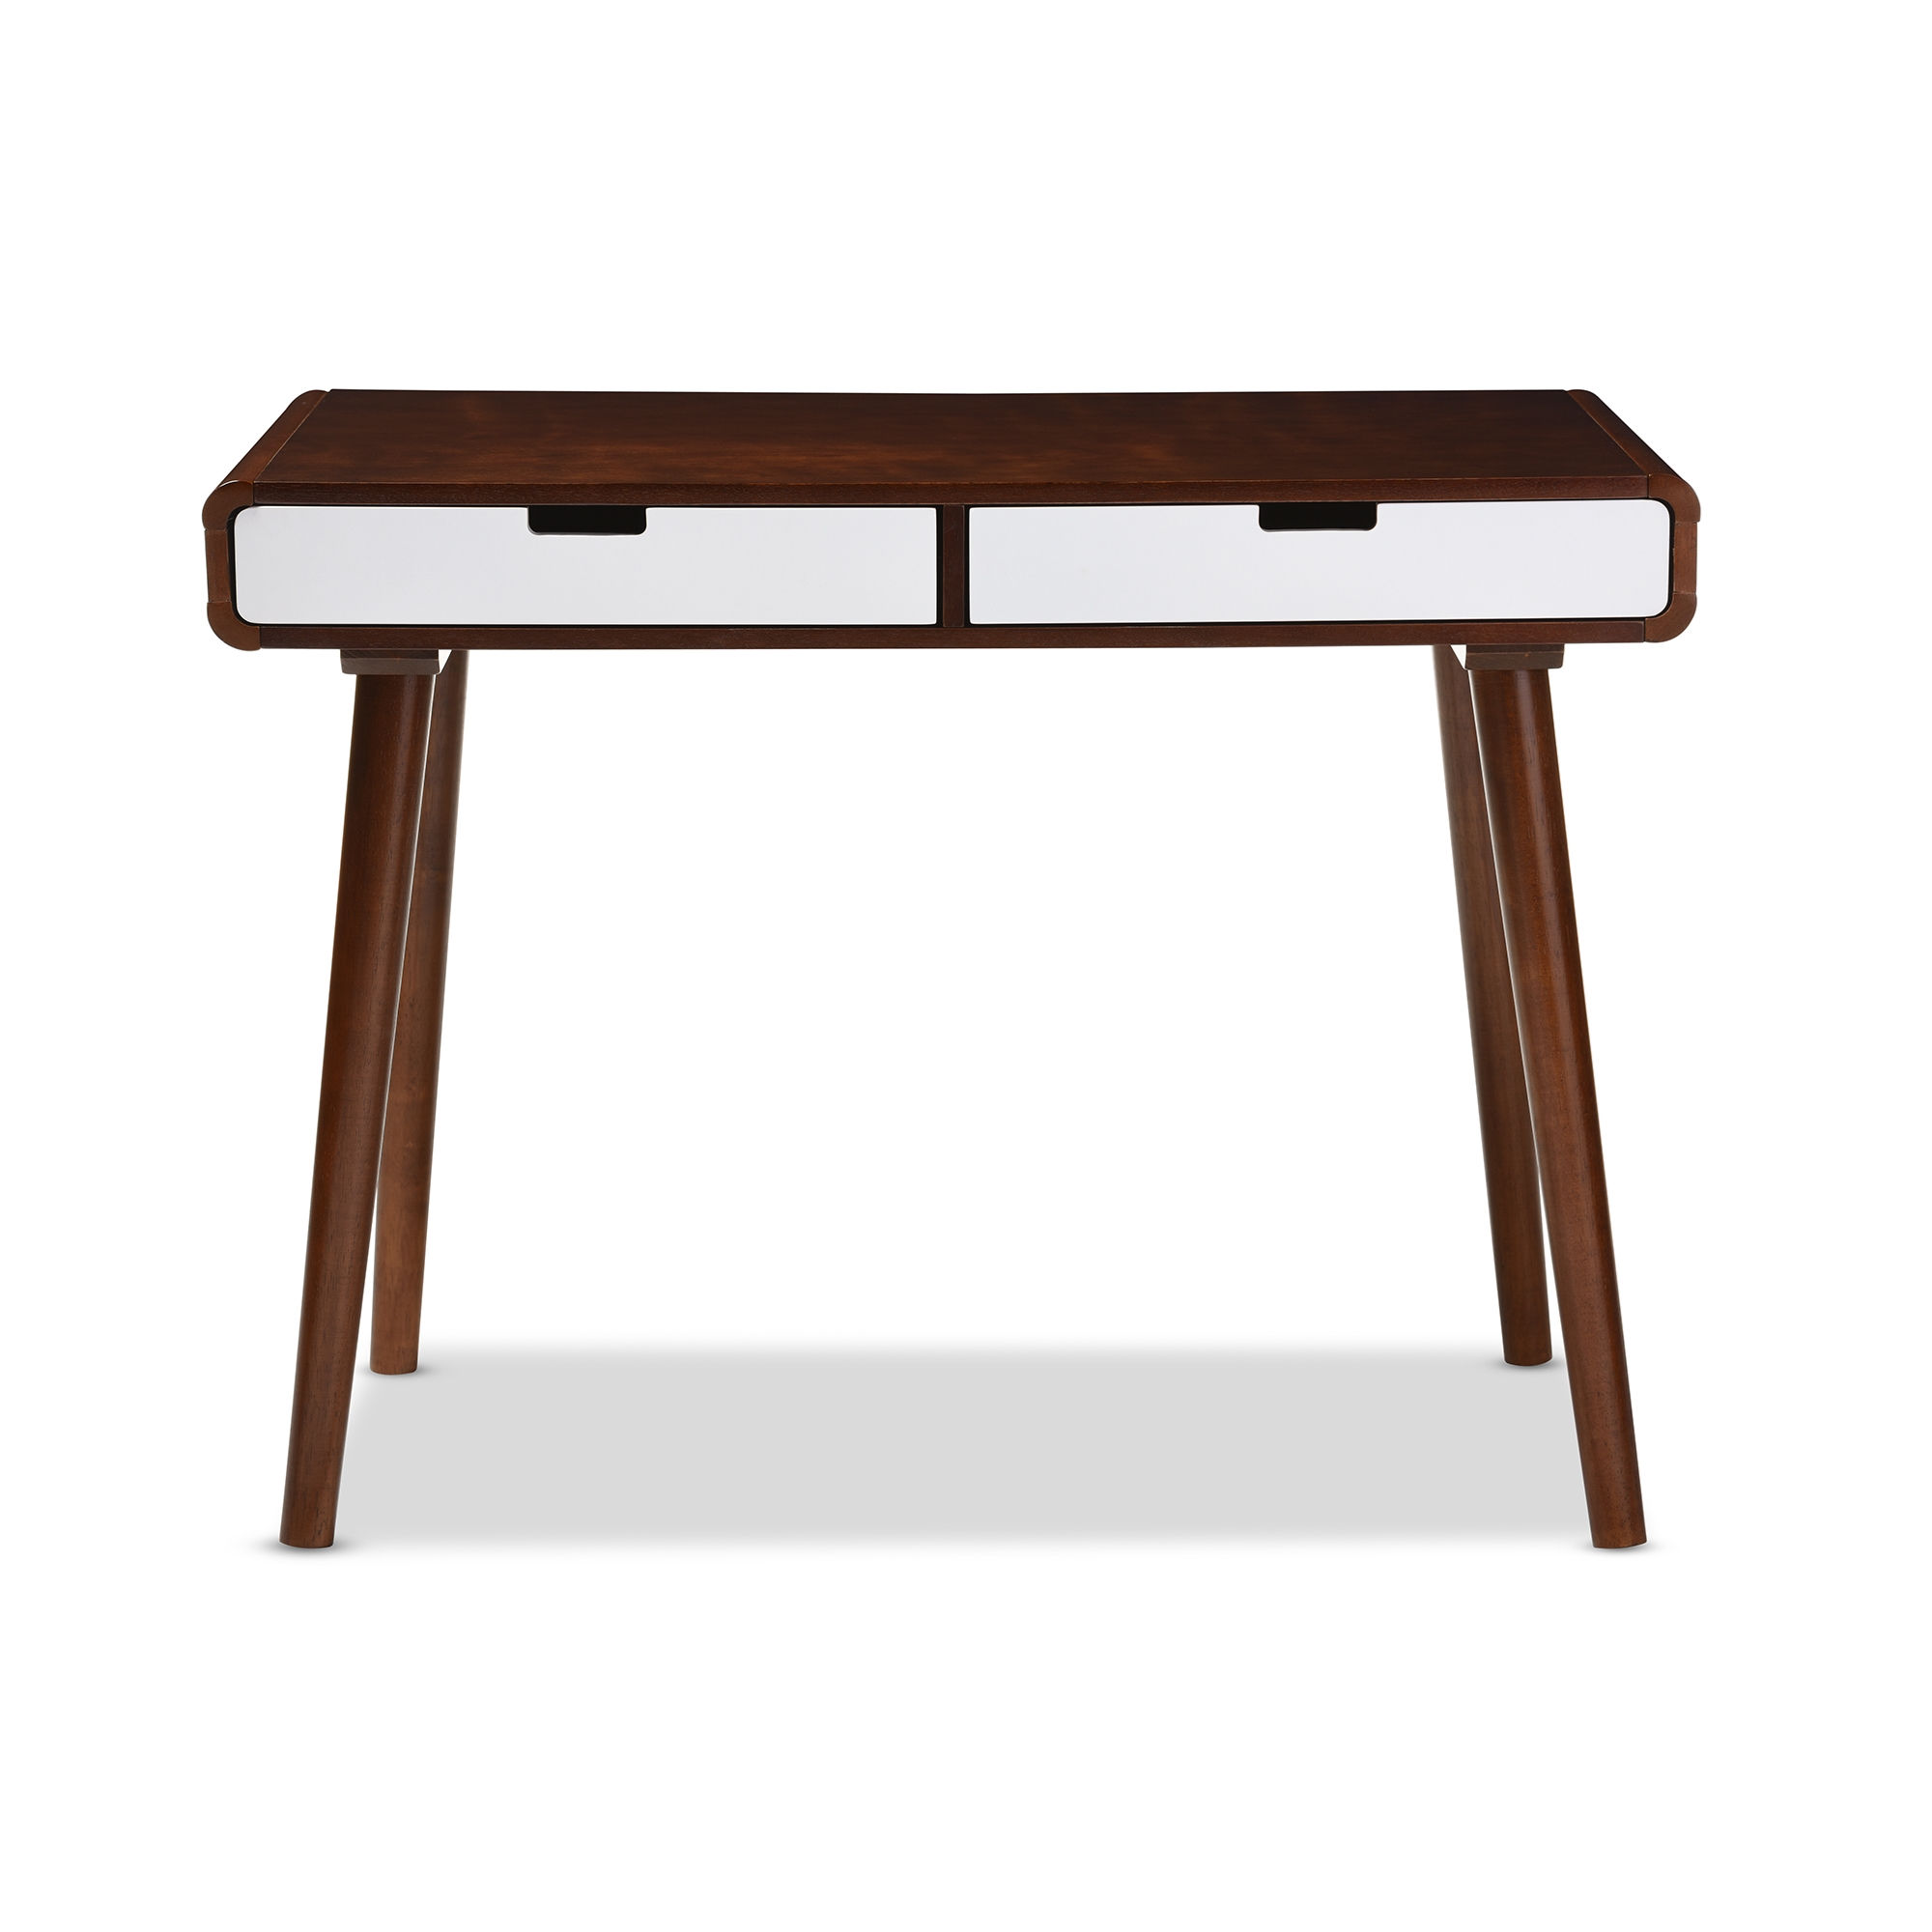 cheap desks for home office. Baxton Studio Casarano Midcentury Modern Dark Walnut And White Twotone Finish 2 Cheap Desks For Home Office